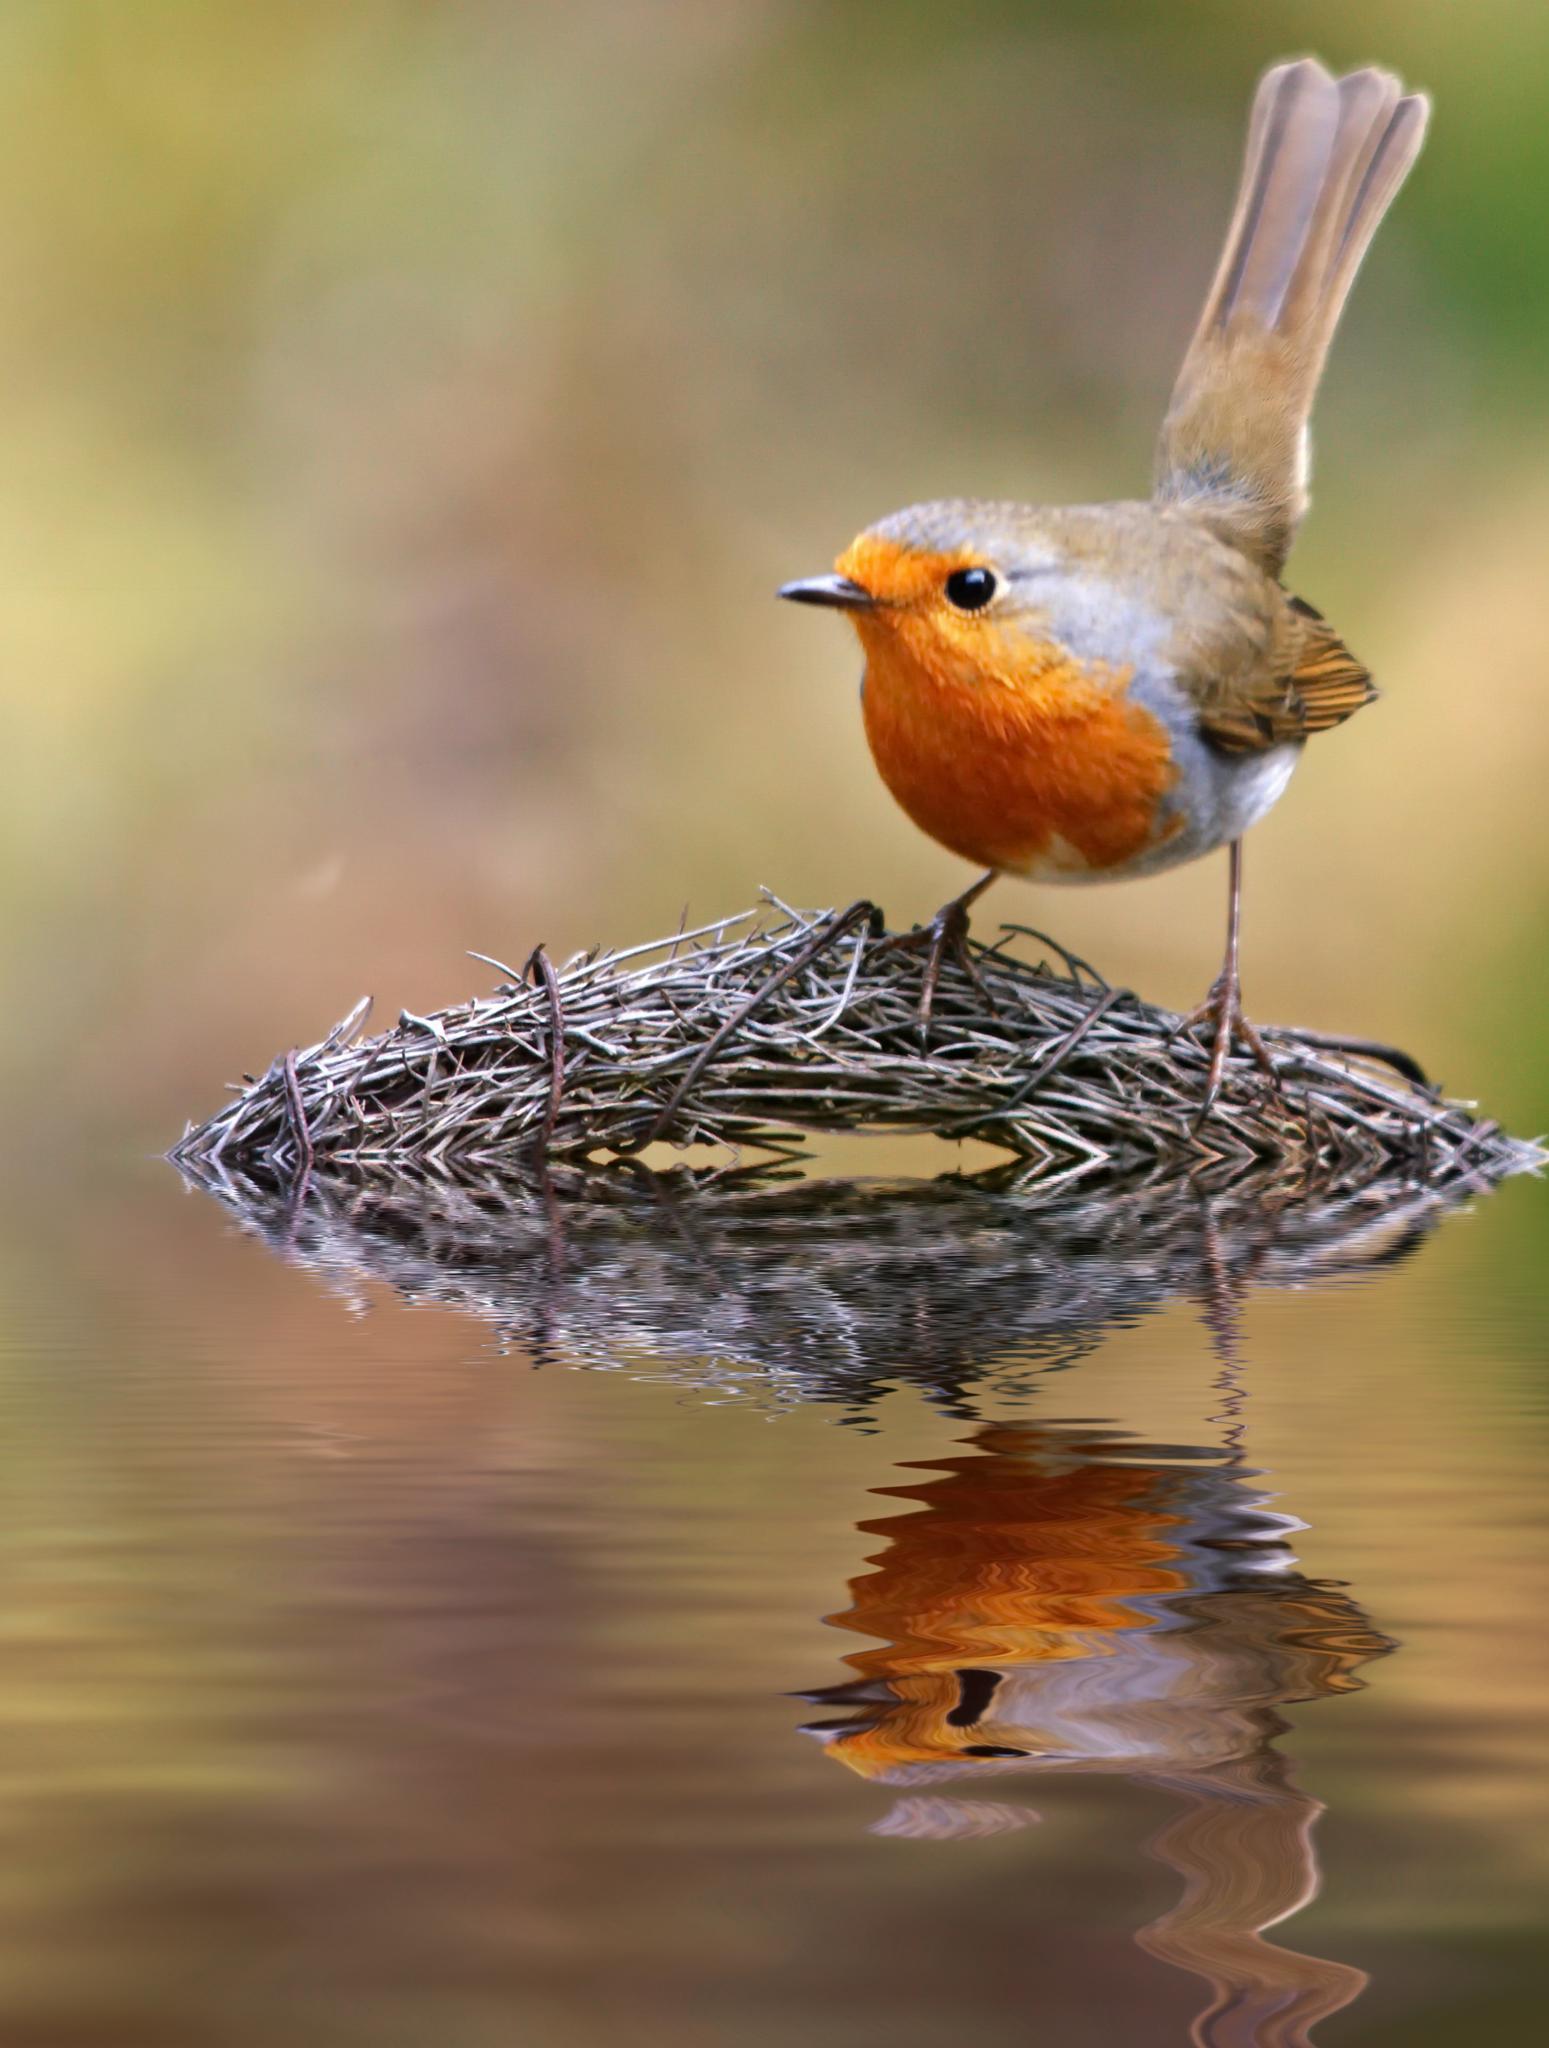 Robin by Ad Spruijt